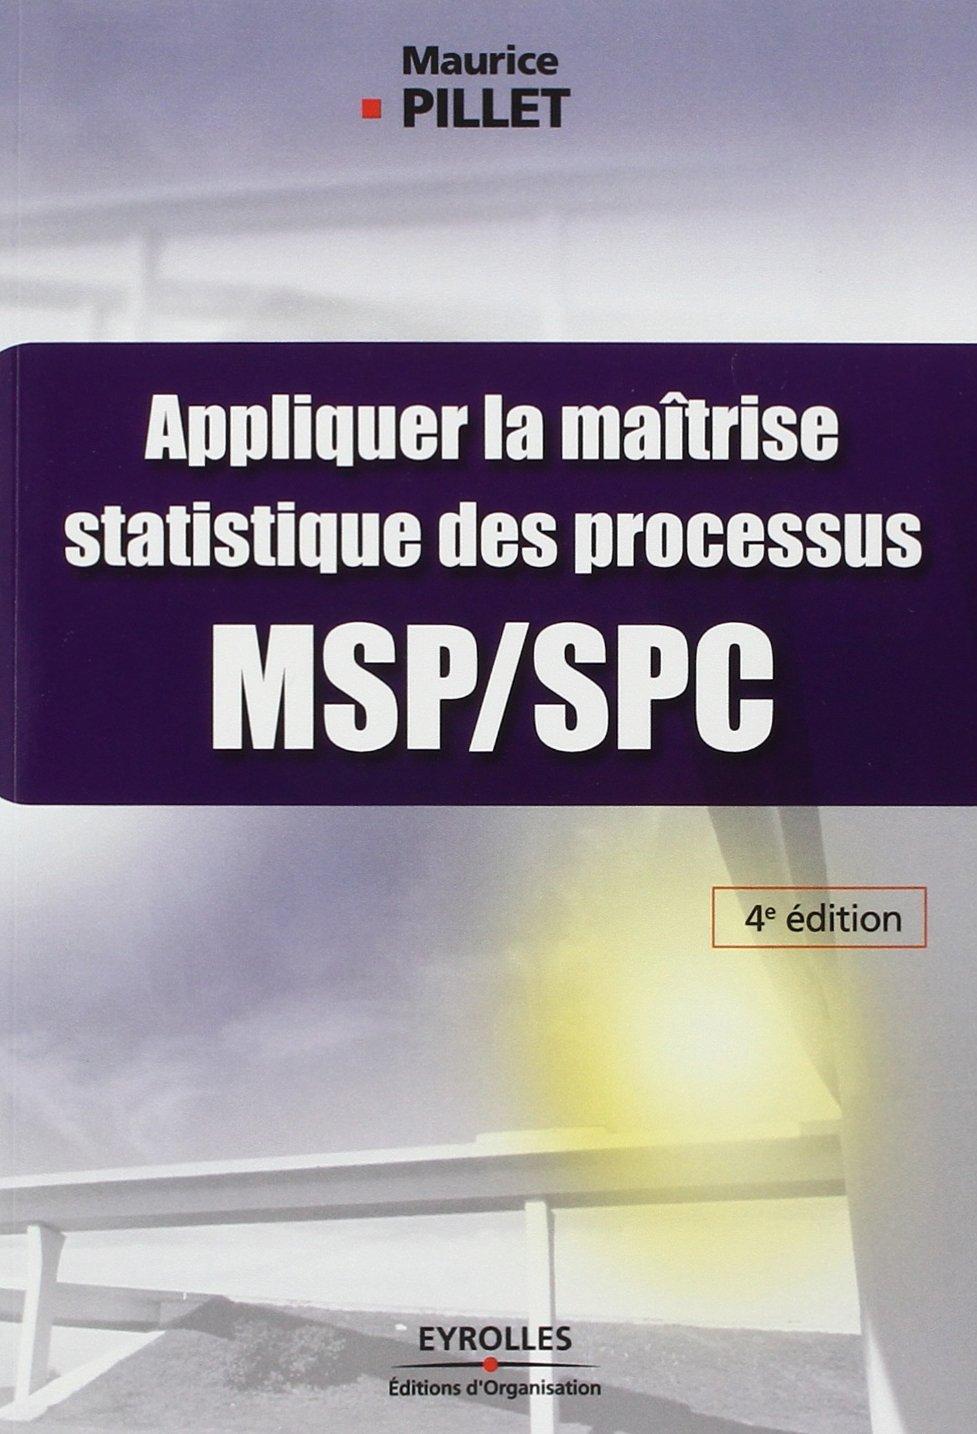 MAÎTRISE PROCESSUS MSP/SPC STATISTIQUE DES LA TÉLÉCHARGER APPLIQUER